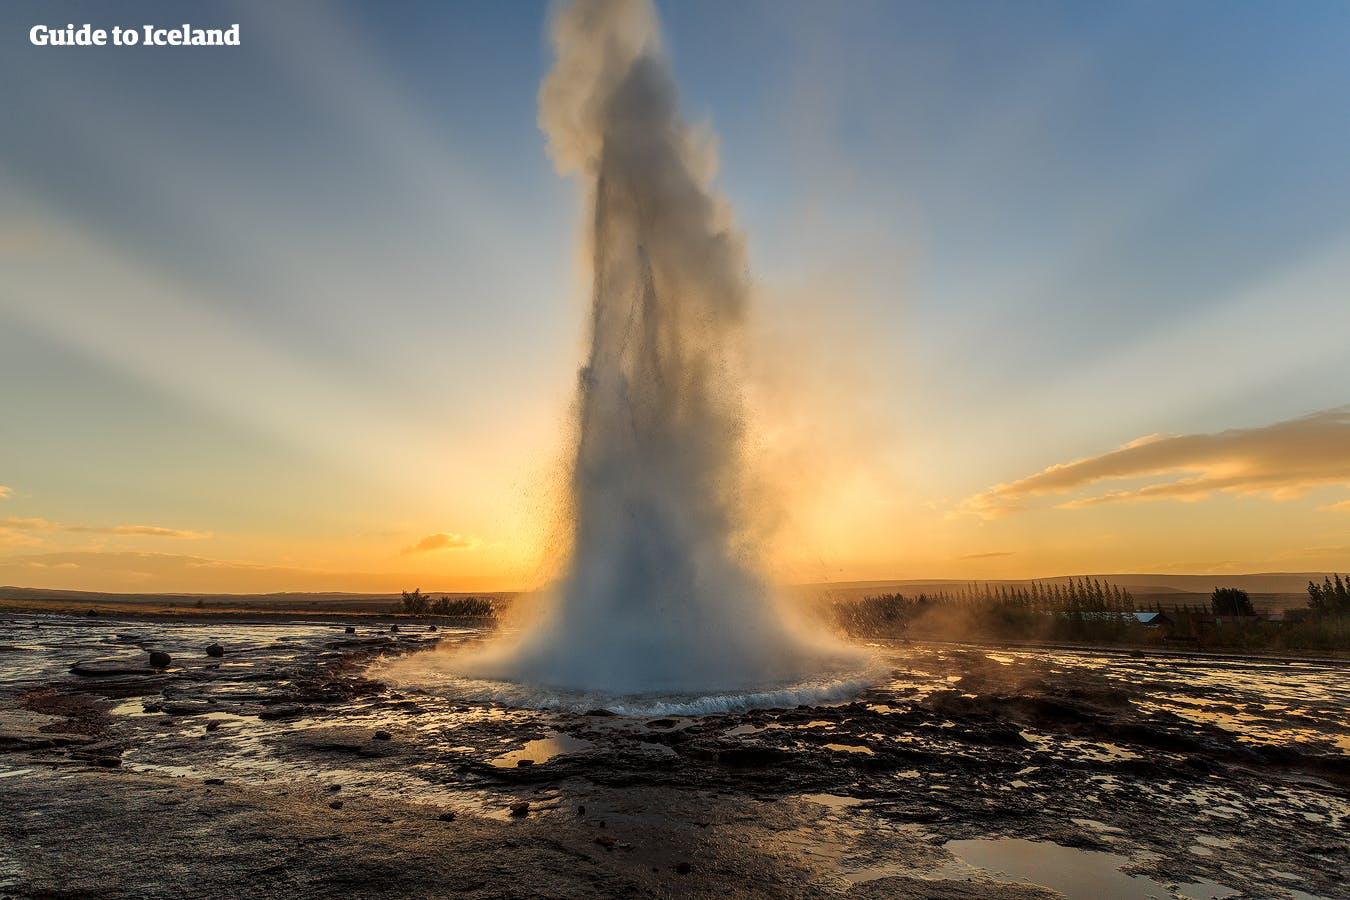 Encontrarás una gran cantidad de atracciones, incluidos géiseres en erupción, en la ruta turística del Círculo Dorado.